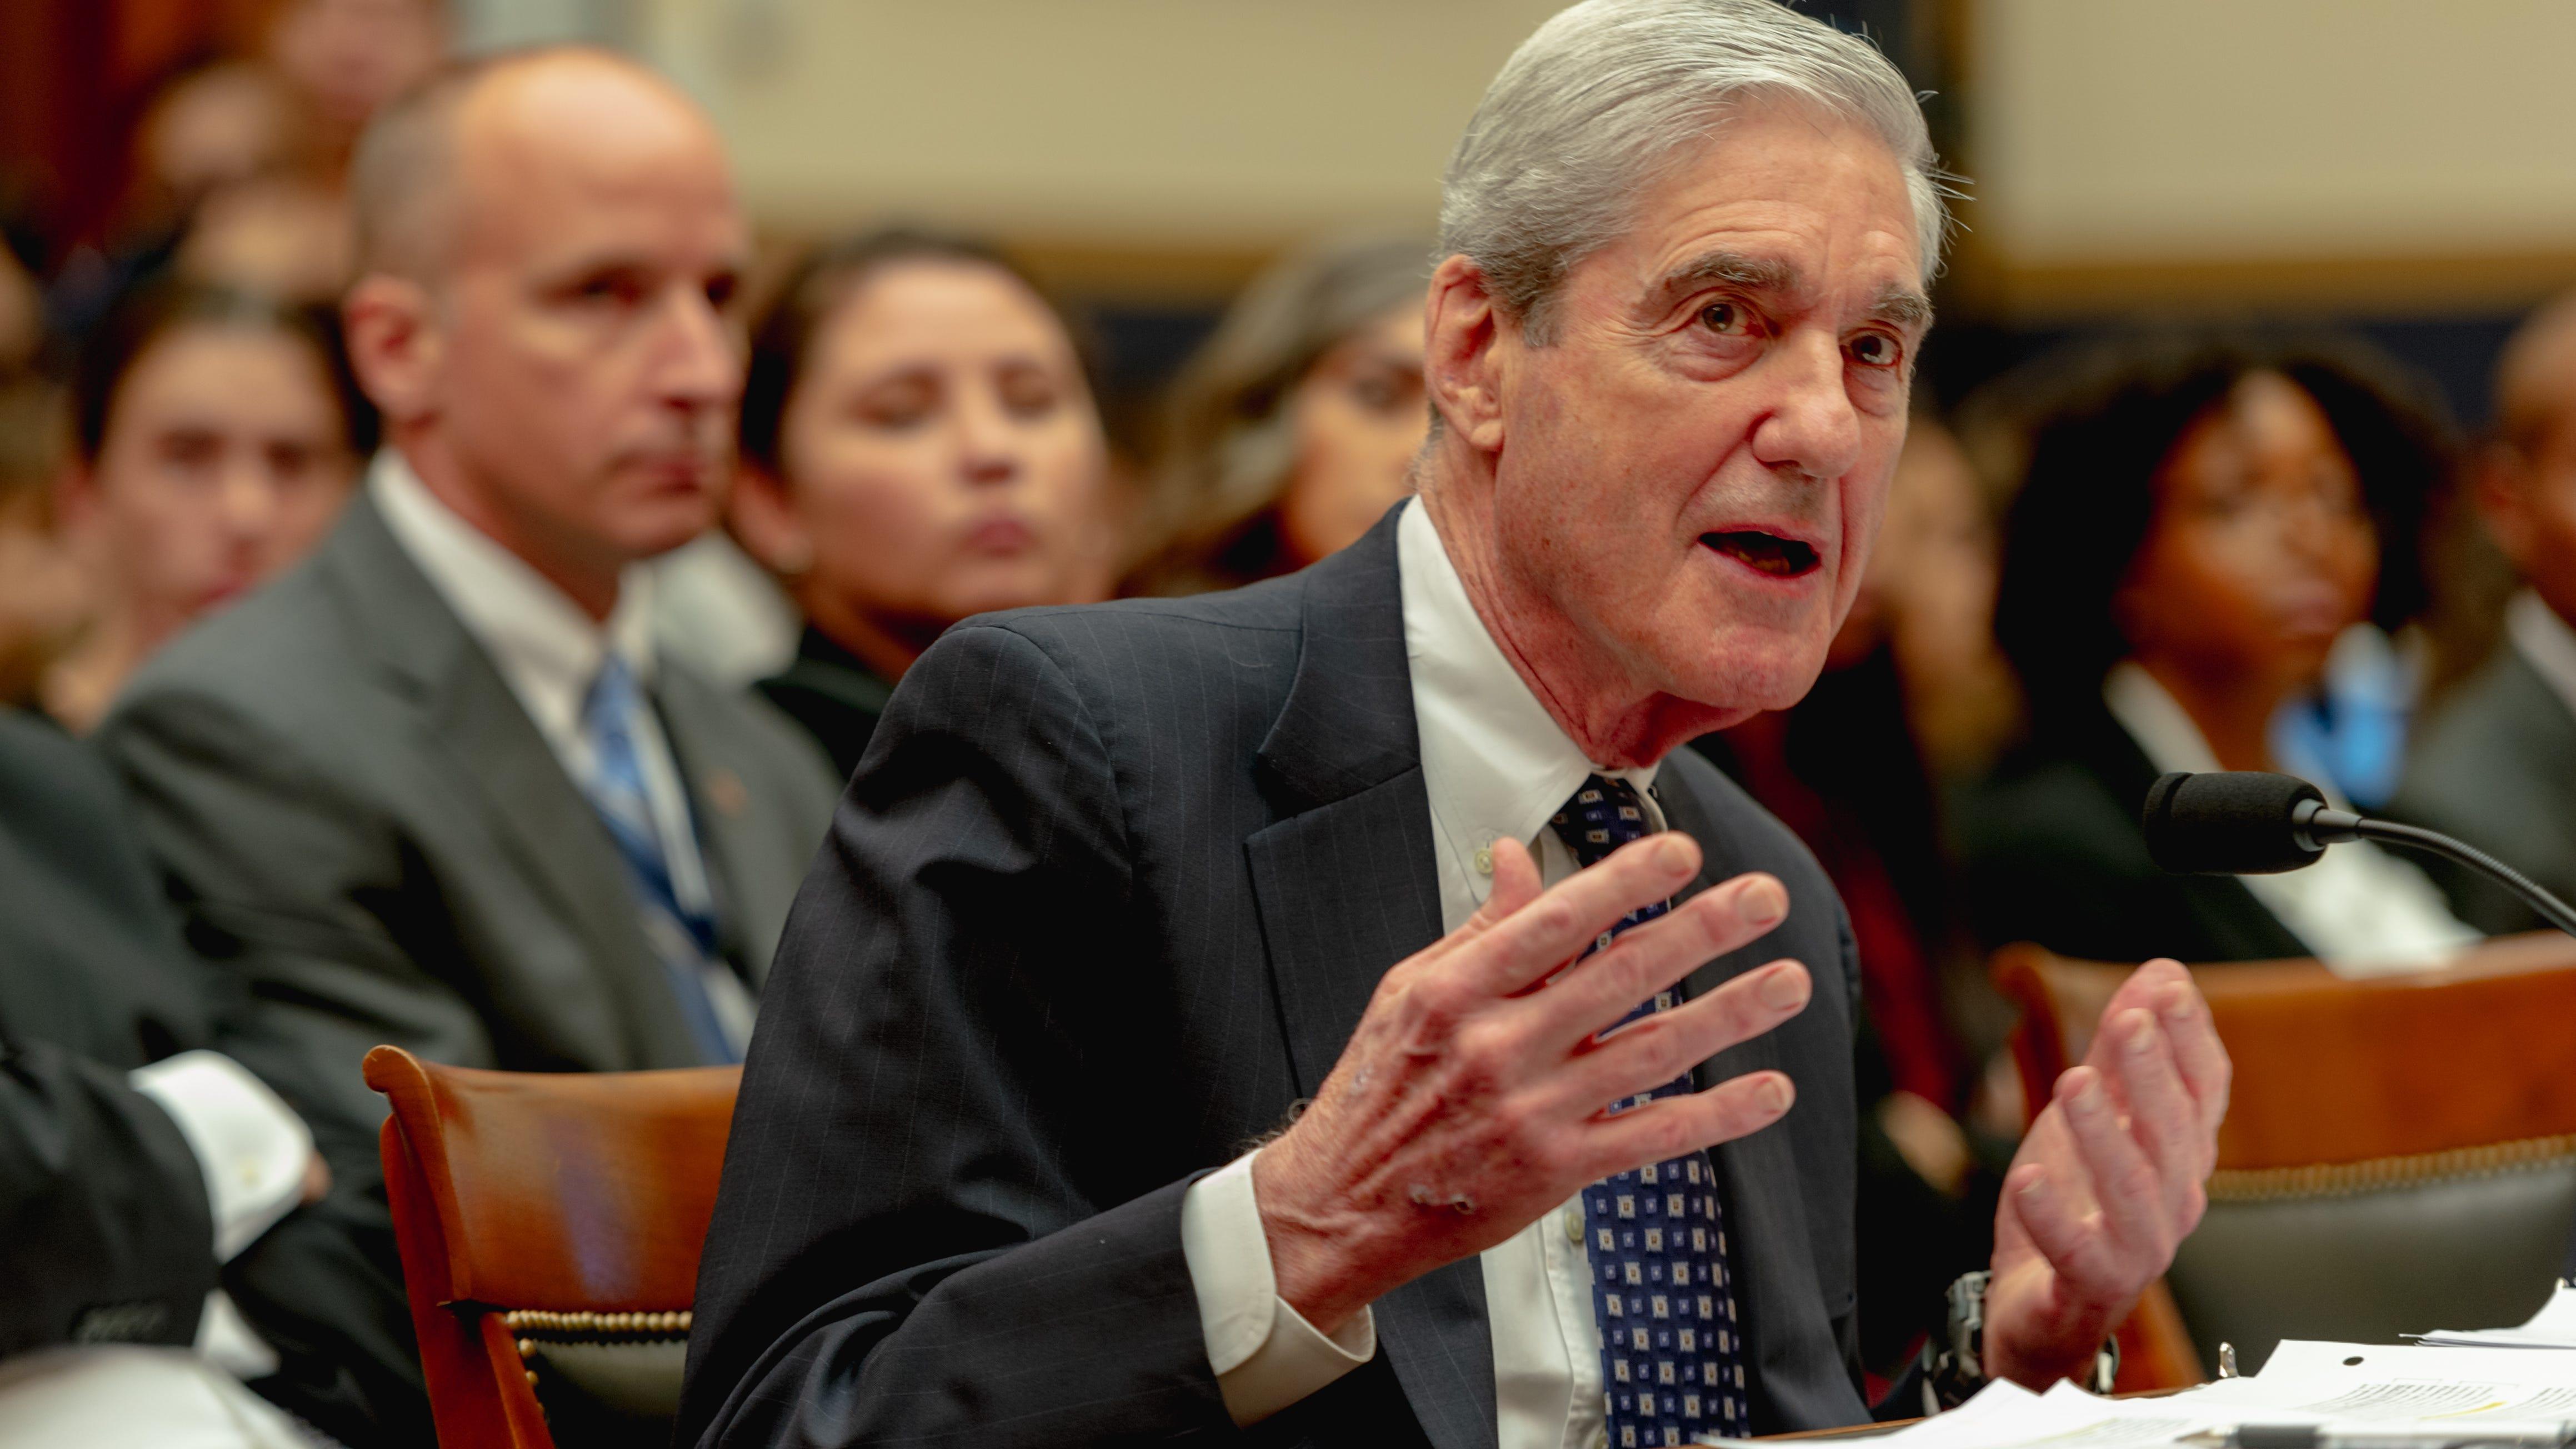 Robert Mueller counters insider criticism